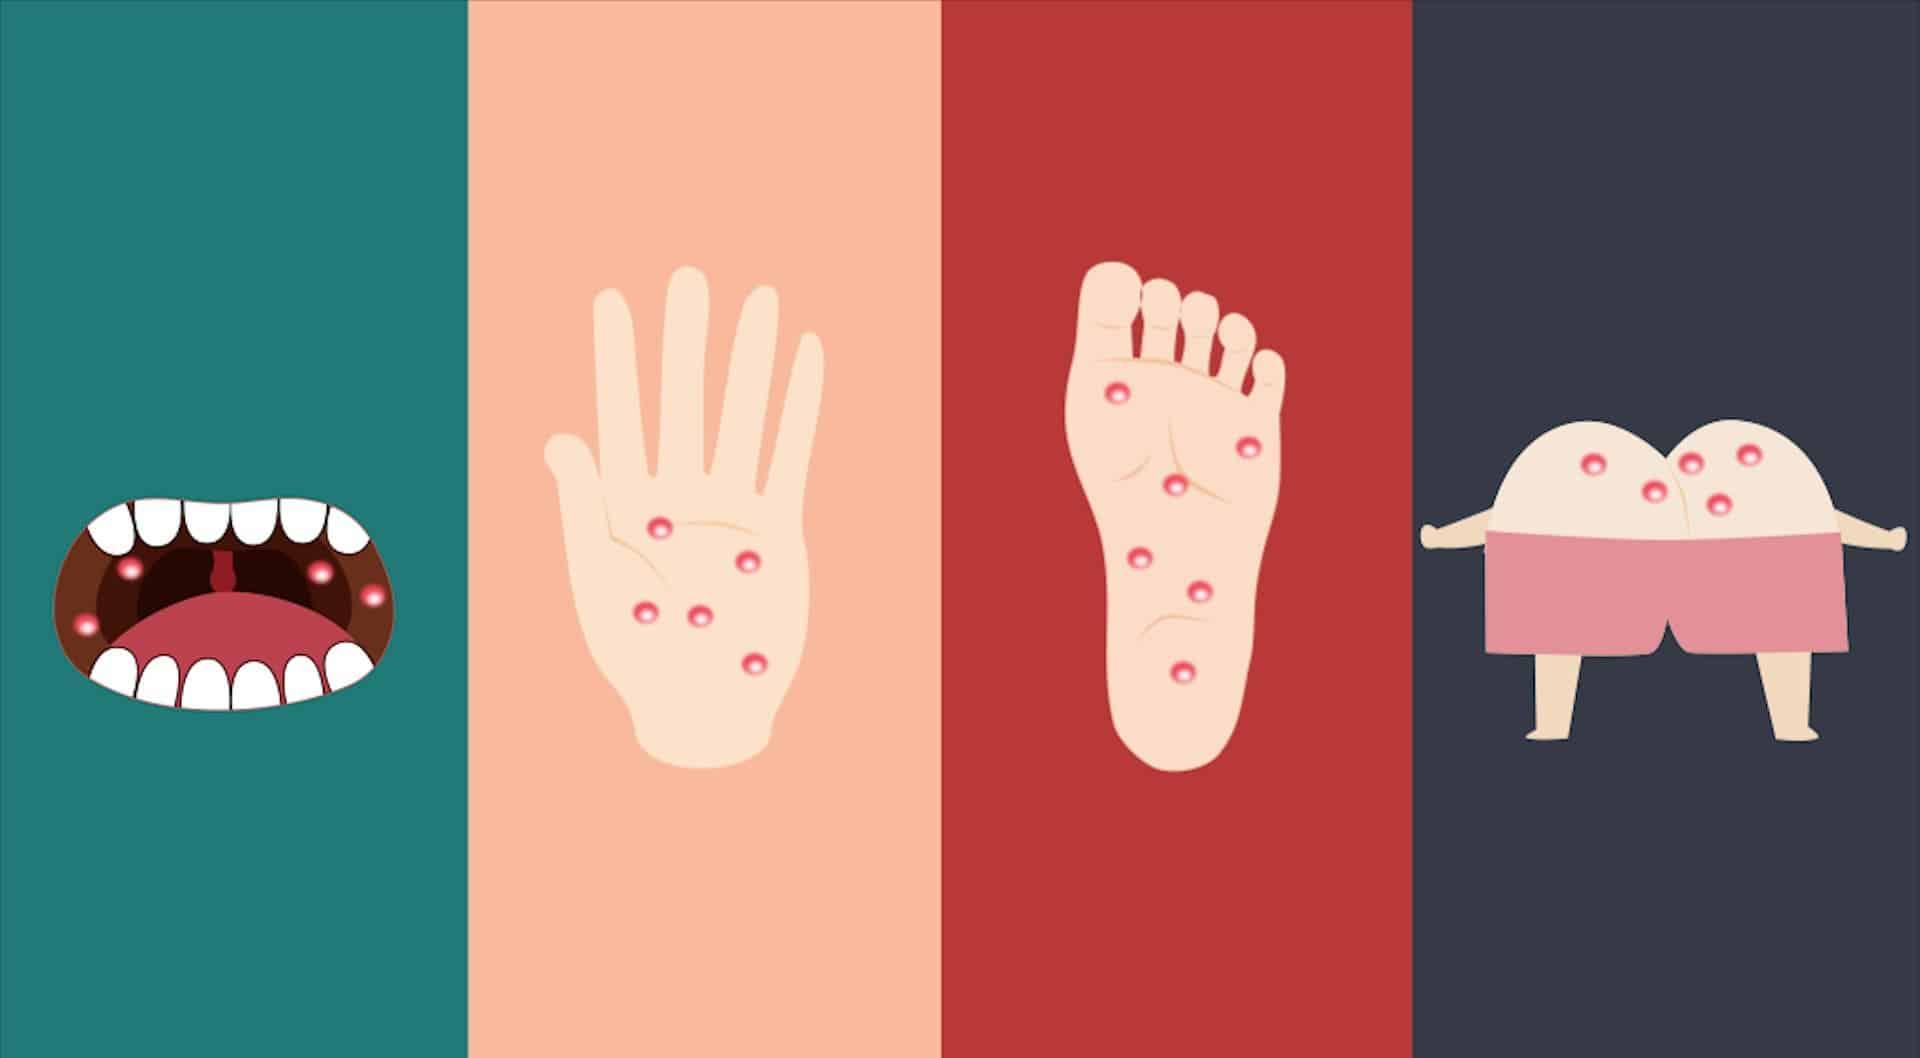 Bệnh tay chân miệng đang vào mùa dịch và dưới đây là những điều mà cả người lớn lẫn trẻ nhỏ đều phải biết - Ảnh 2.